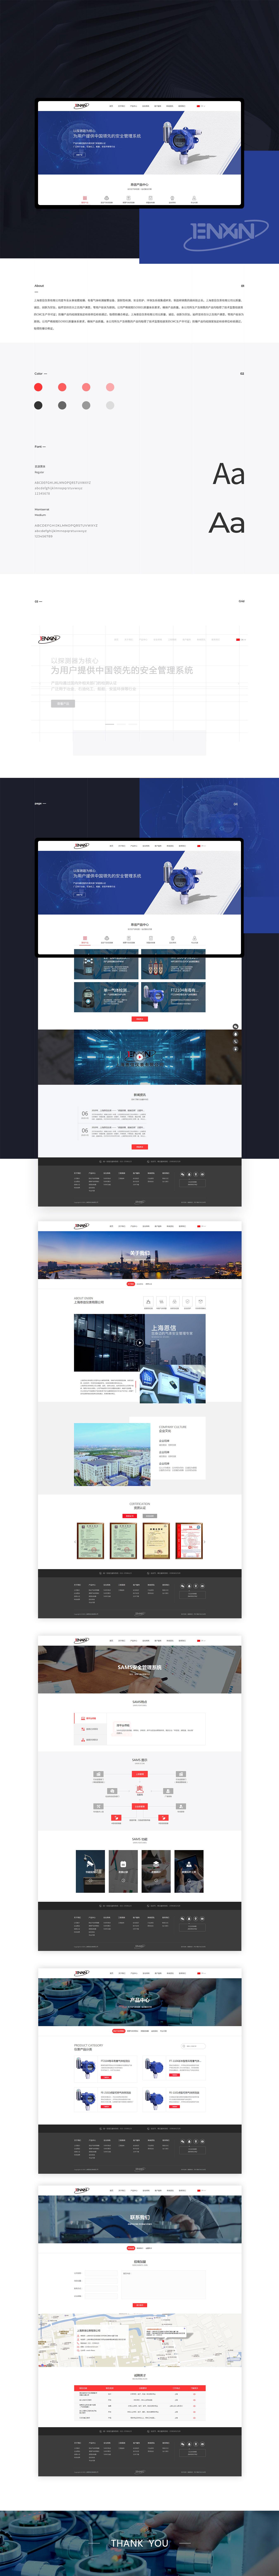 上海恩信仪表有限公司案例图片